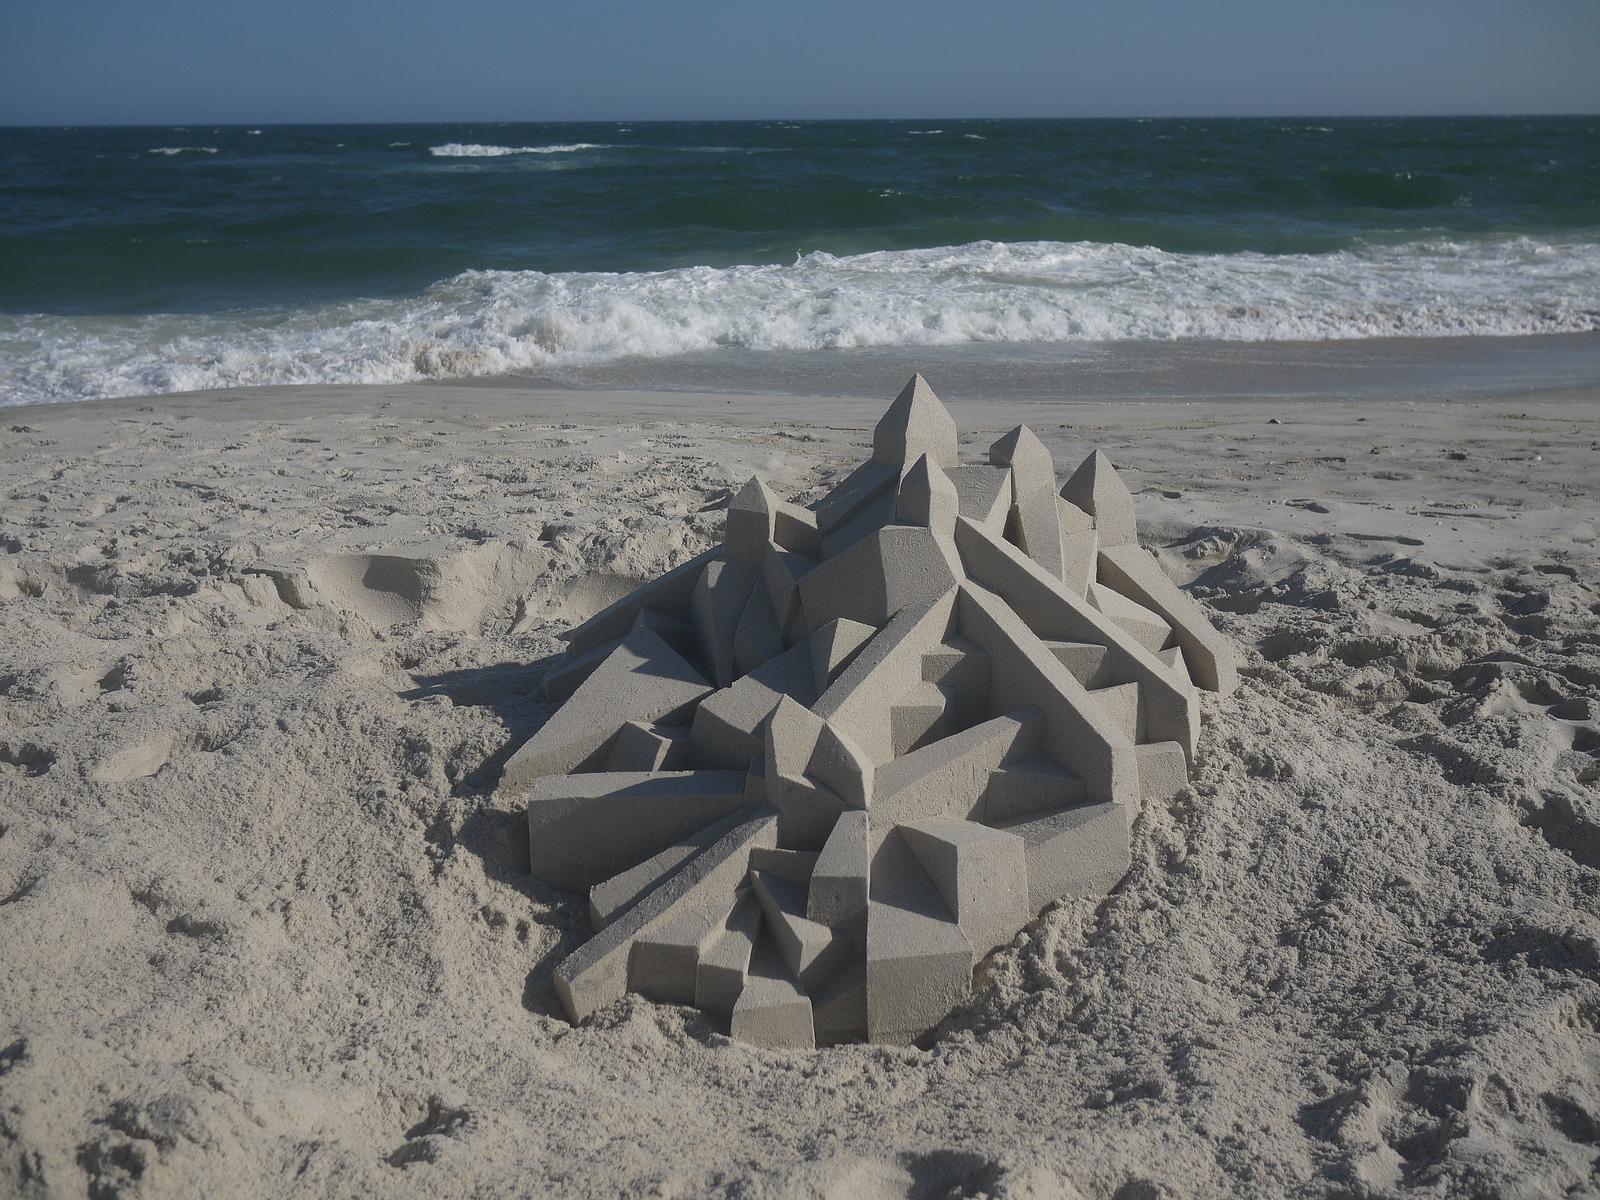 sand-castles-calvin-seibert- 06